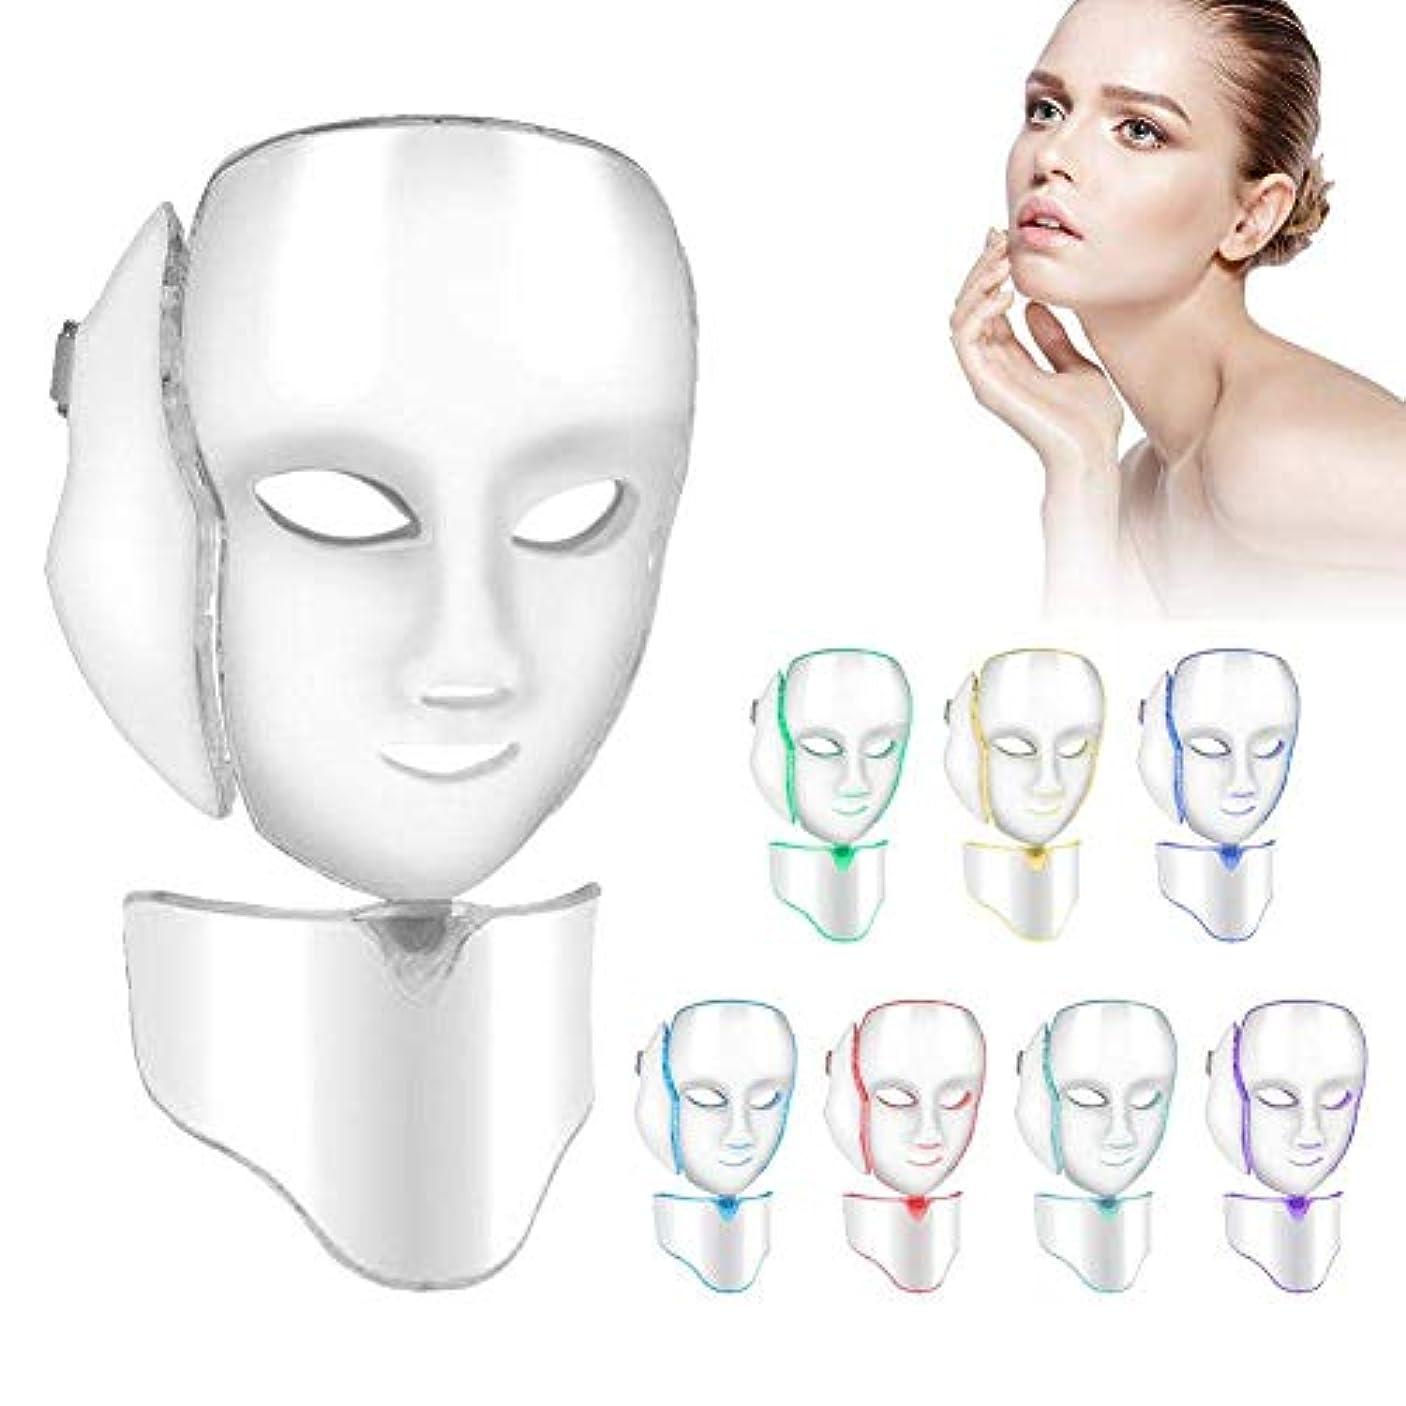 批判するマナープライバシー7色ledフェイスネックマスク/女性フェイスネックスキンアンチエイジングスパ肌の若返りフェイシャルしわ除去美容院